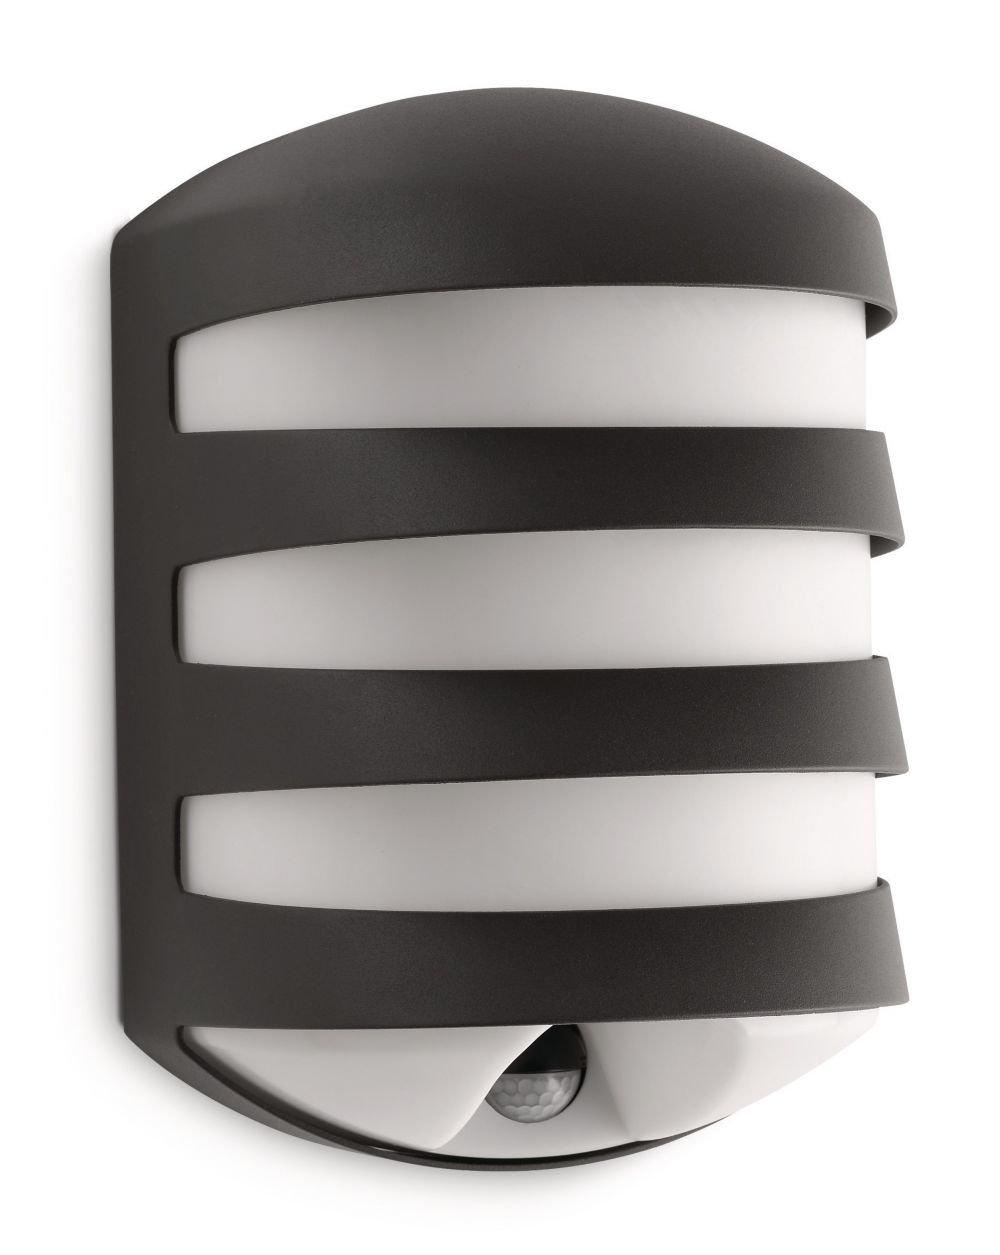 Philips Ecomoods IREnergiesparWandaussenleuchte inklusiv Energiespar Leuchtmittel inklusiv Bewegungsmelder Typ J (Erfassungswinkel 140°, Reichweite 6 m) 169389316   Kundenbewertung und weitere Informationen